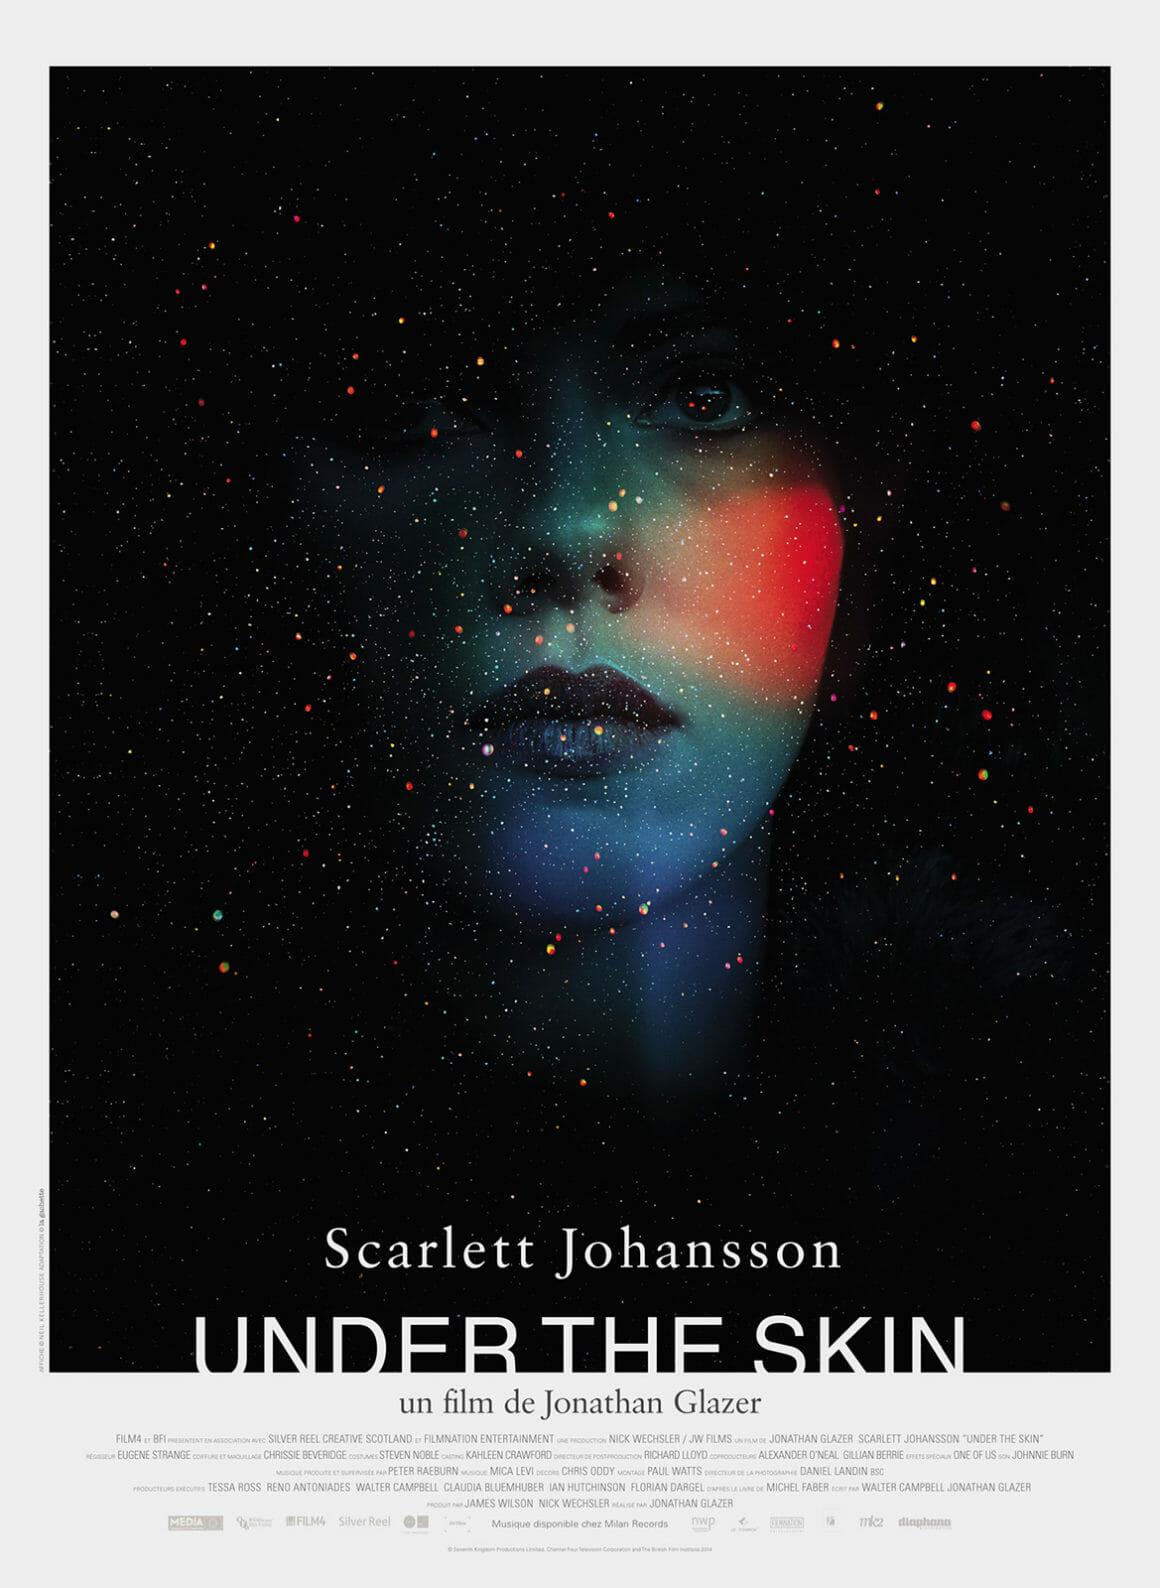 Affiche de Under The Skin, réalisé par Jonathan Glazer